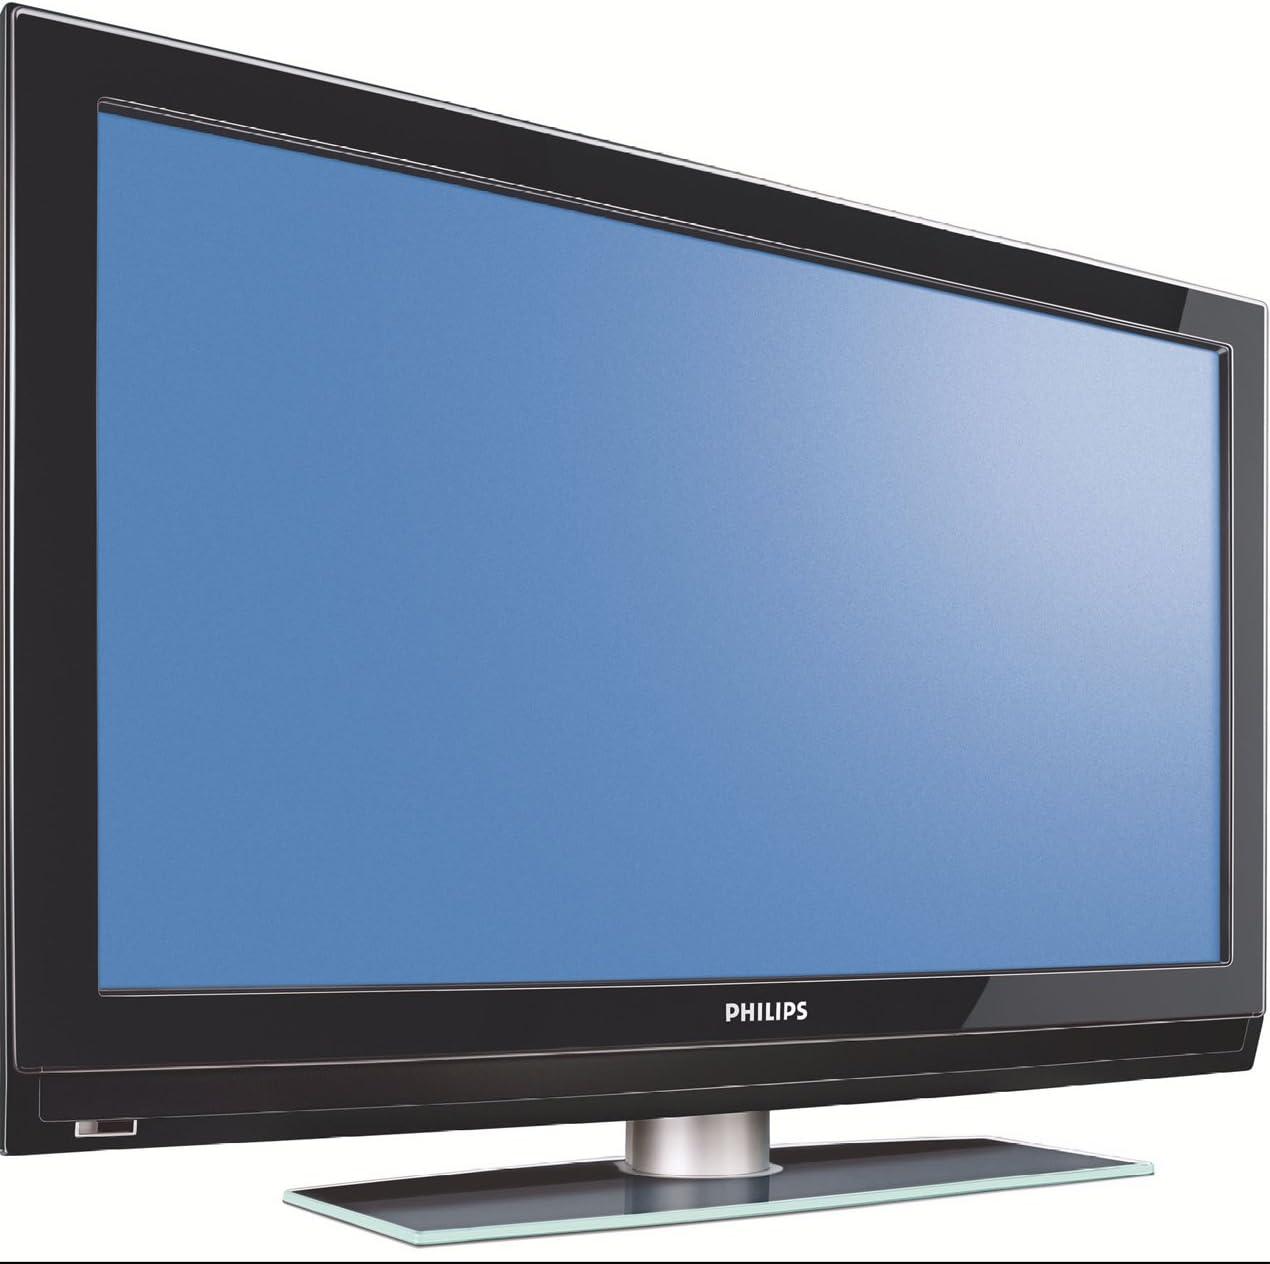 Philips Flat TV panorámico con TDT integrado 42PFL7562D/10: Amazon.es: Electrónica